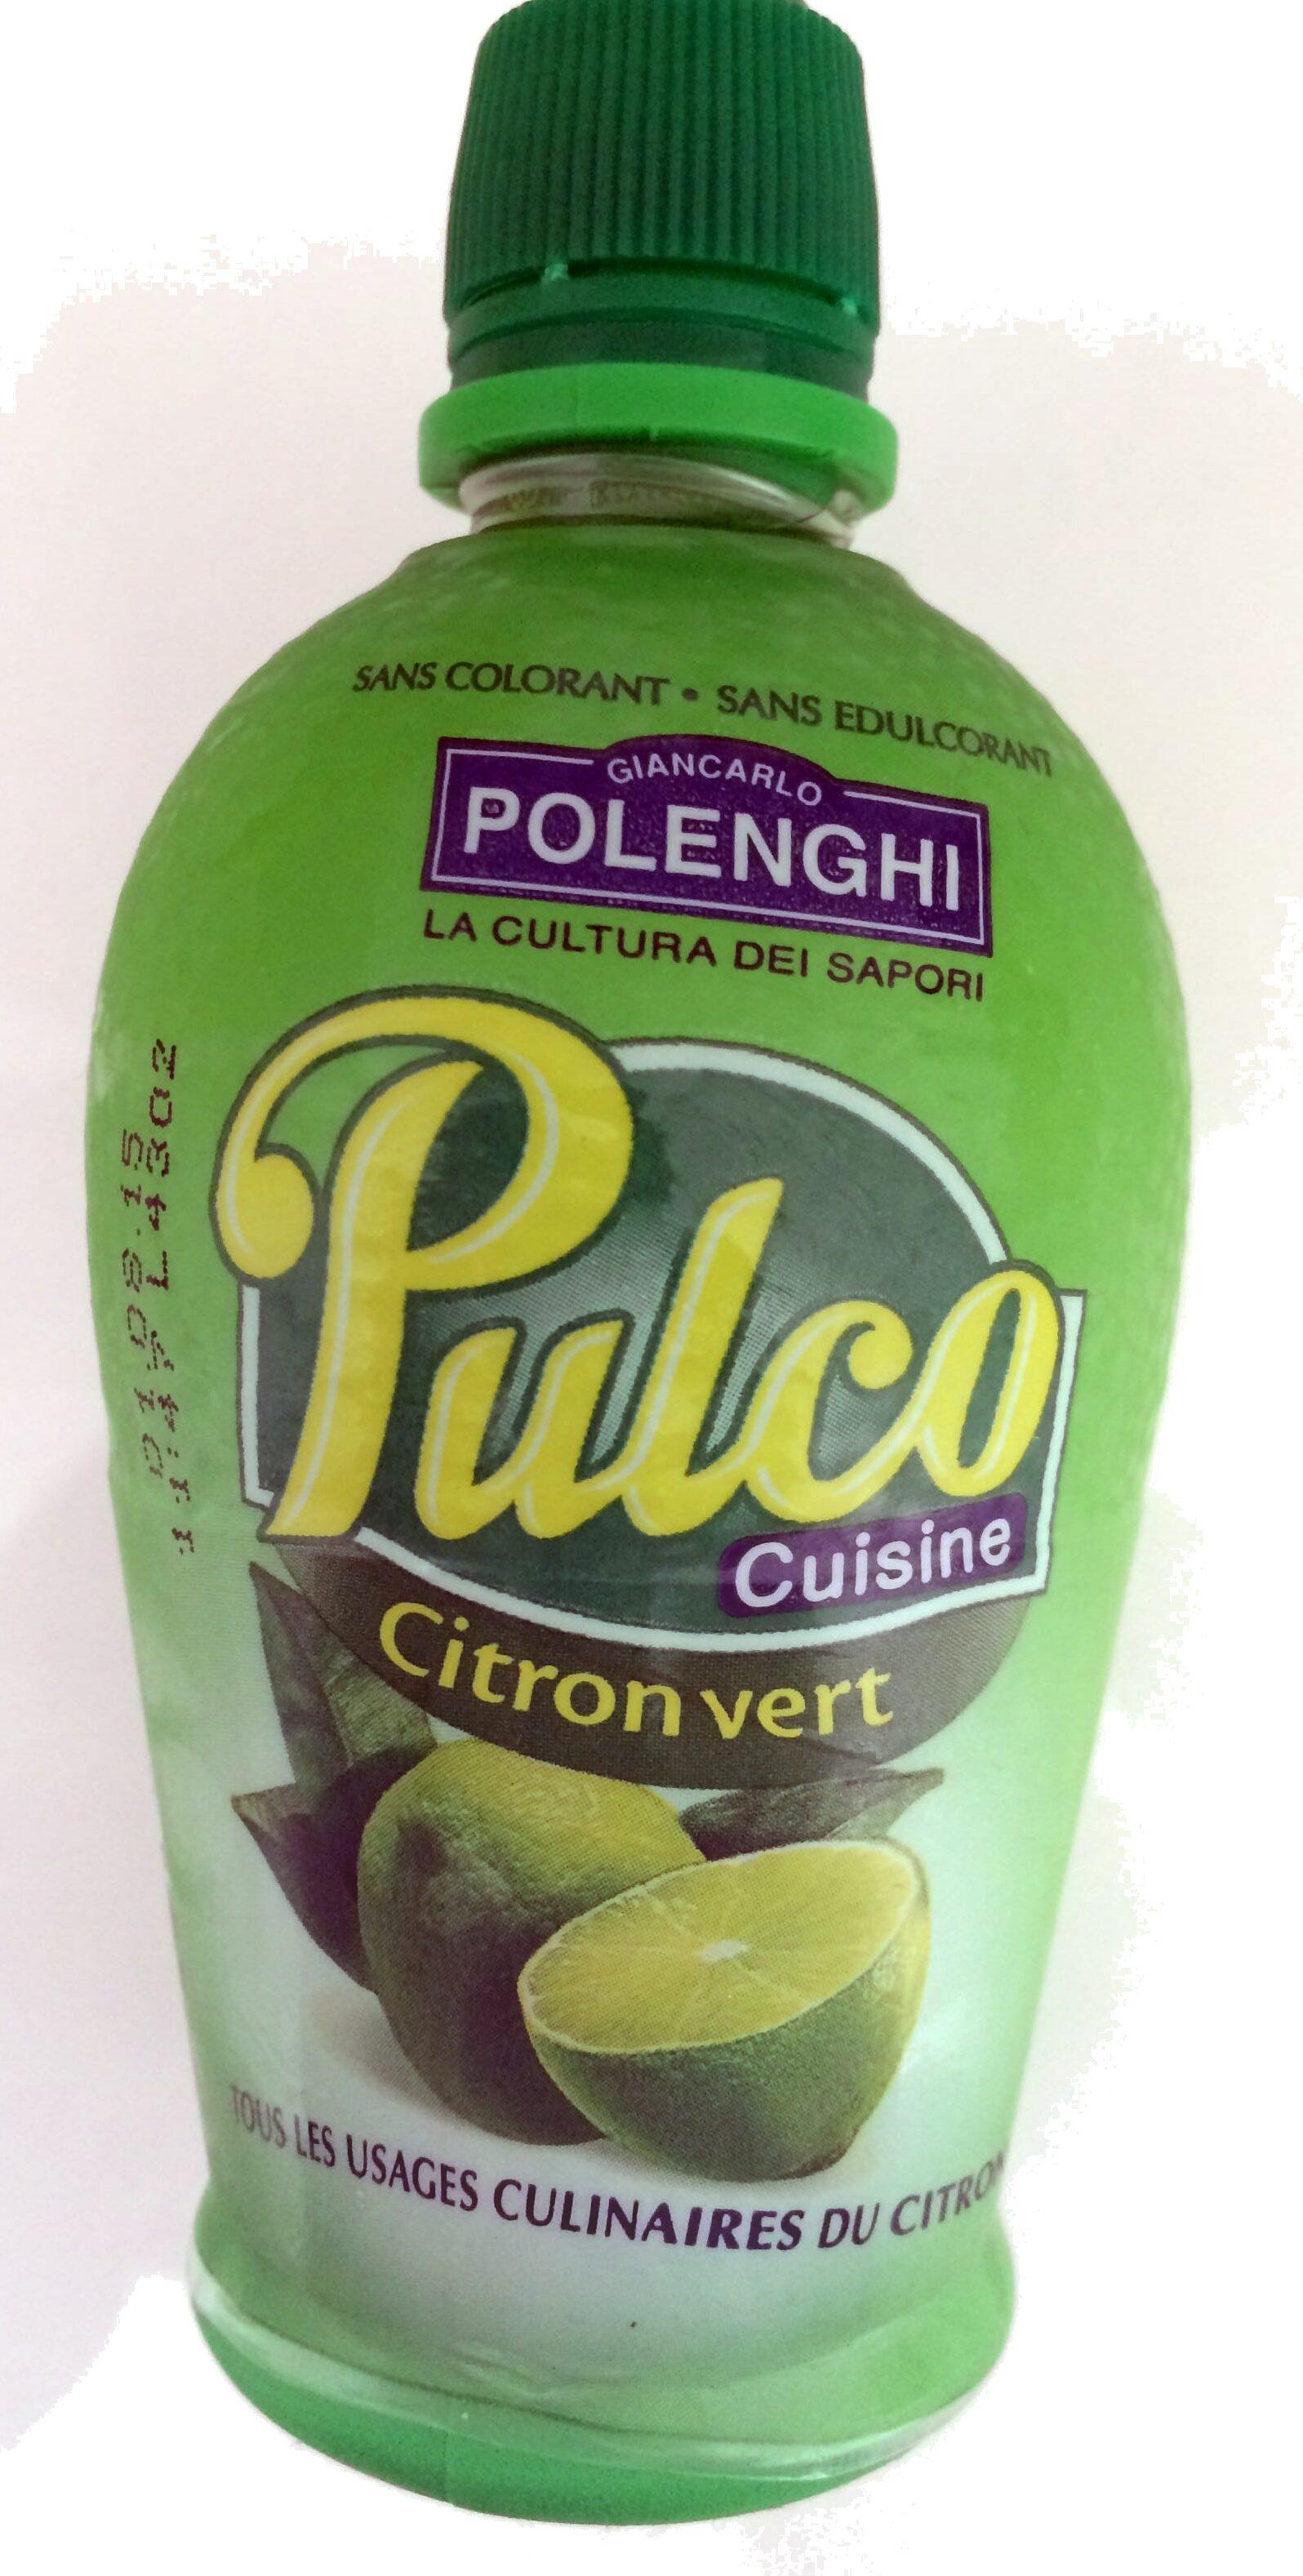 Pulco cuisine - citron vert - Produit - fr